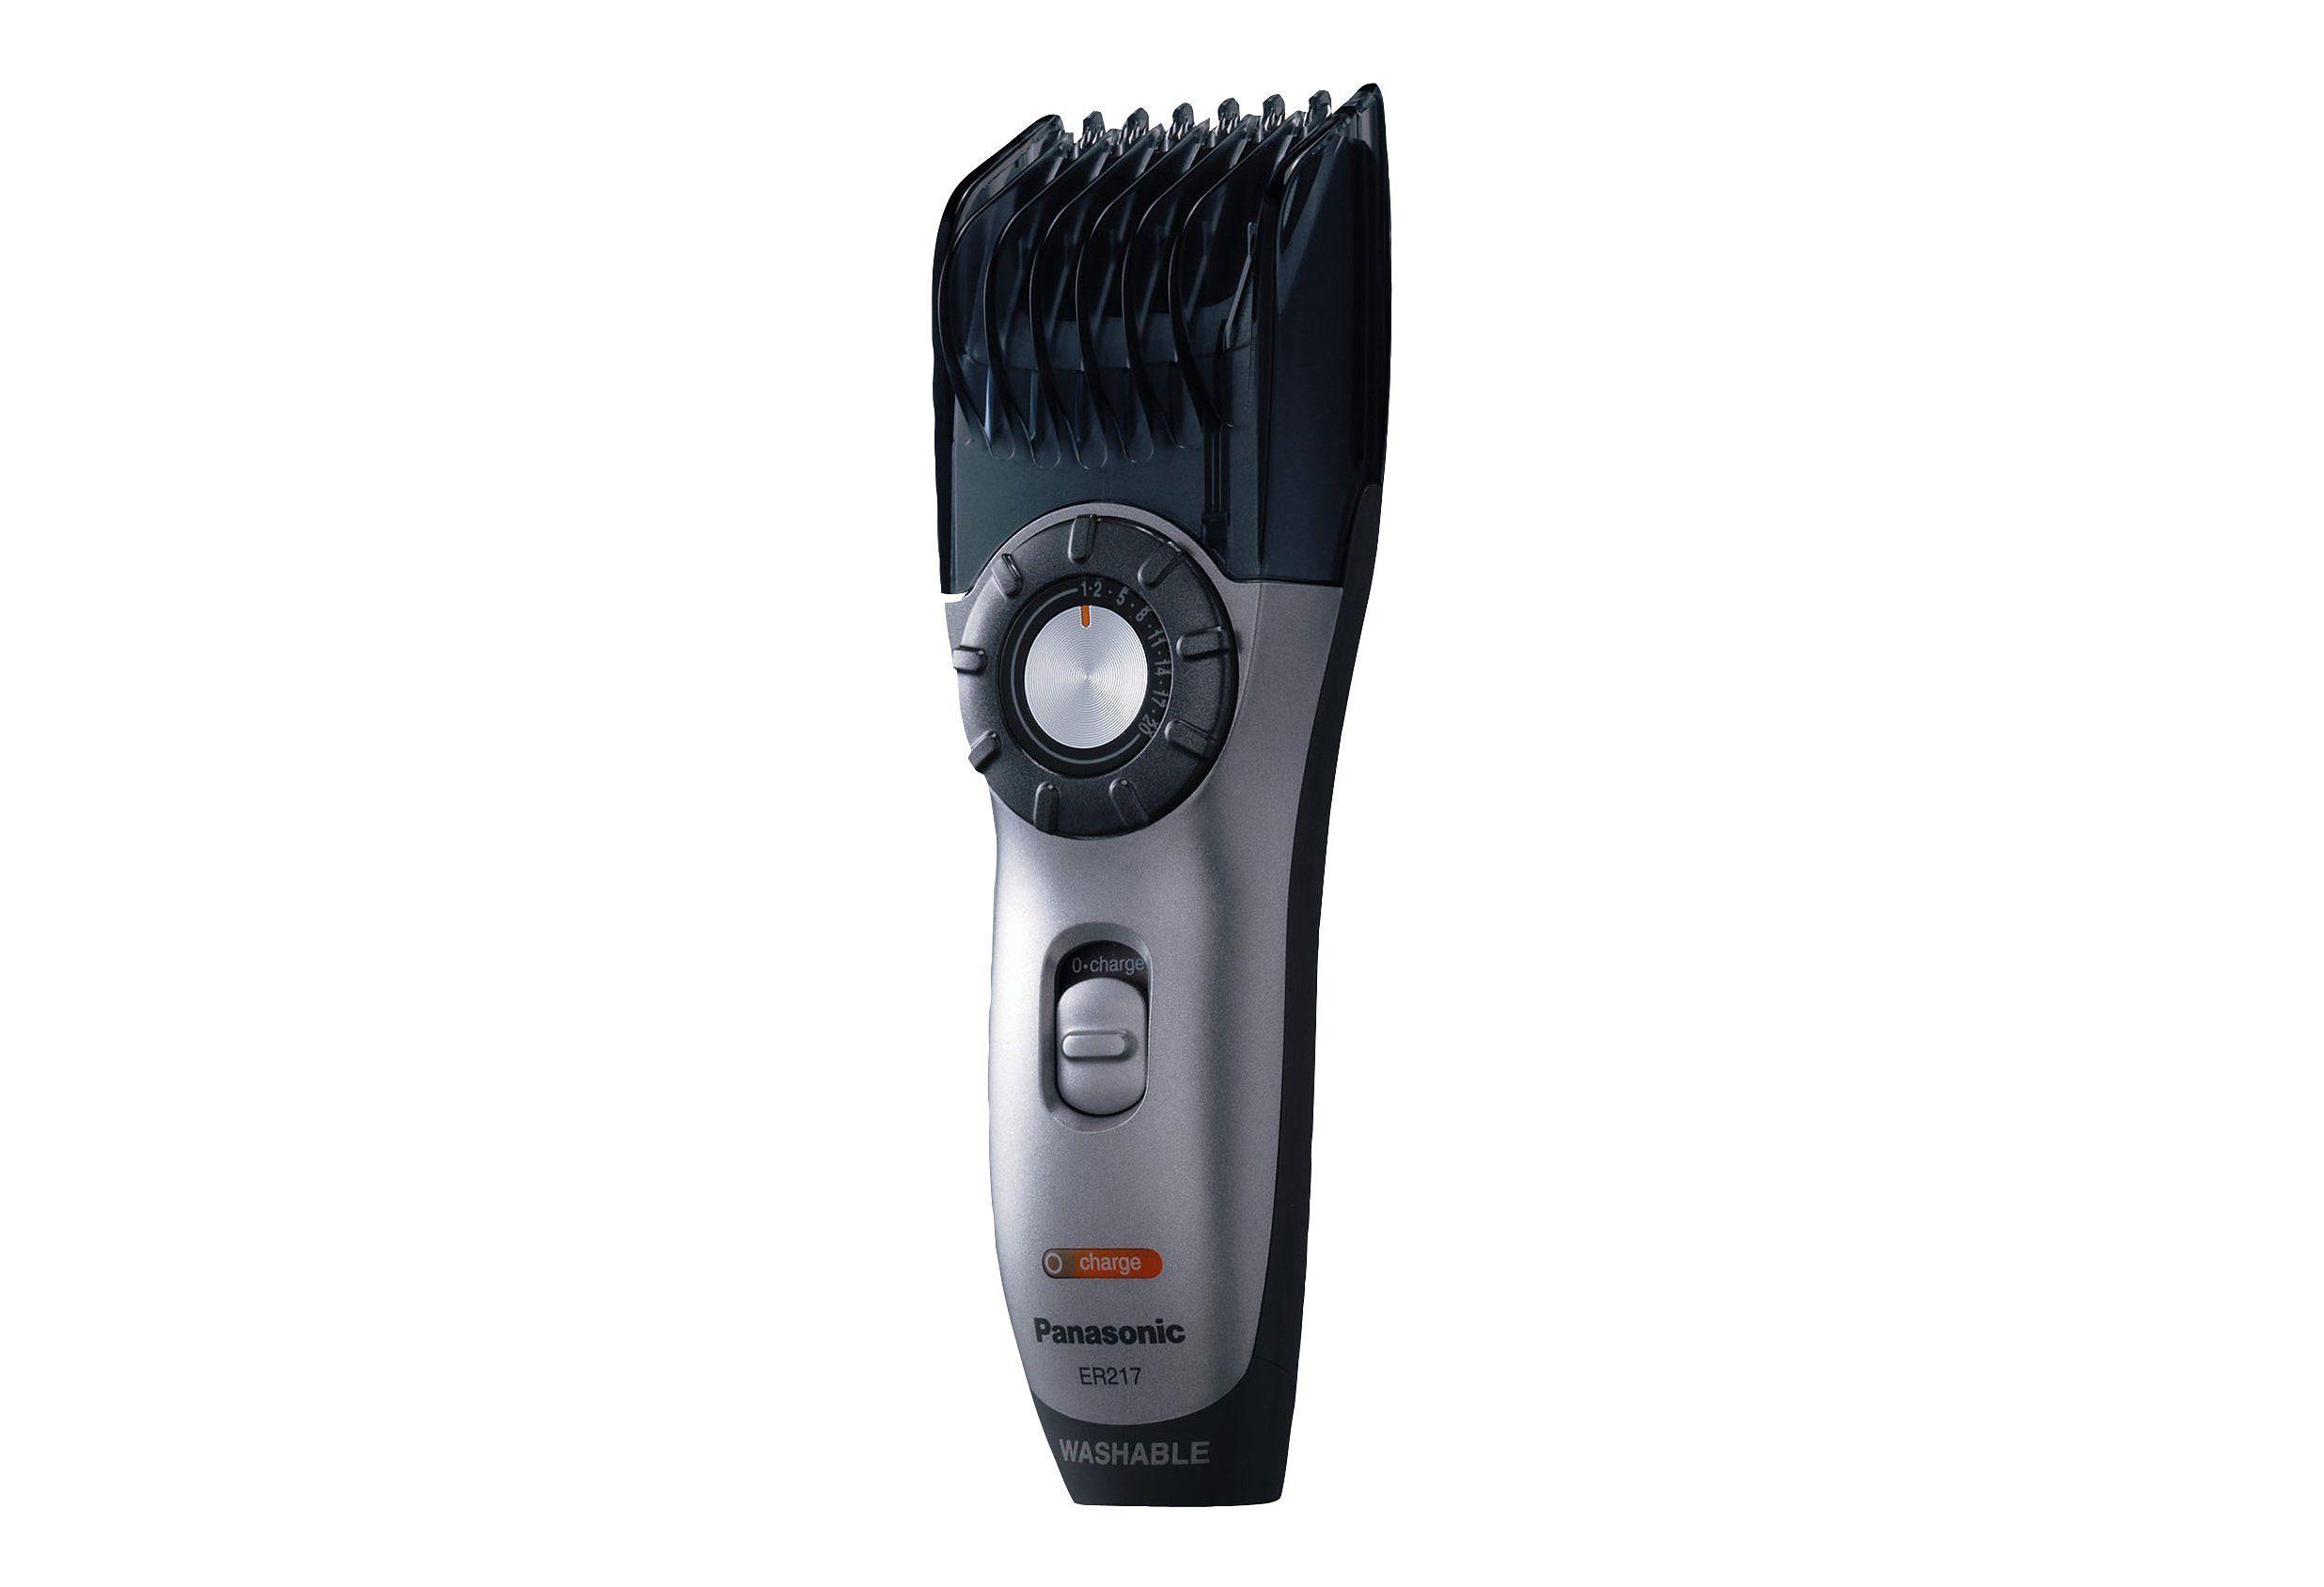 Panasonic, Bart-/Haarschneider, »ER2171S503«, Akku/Netz